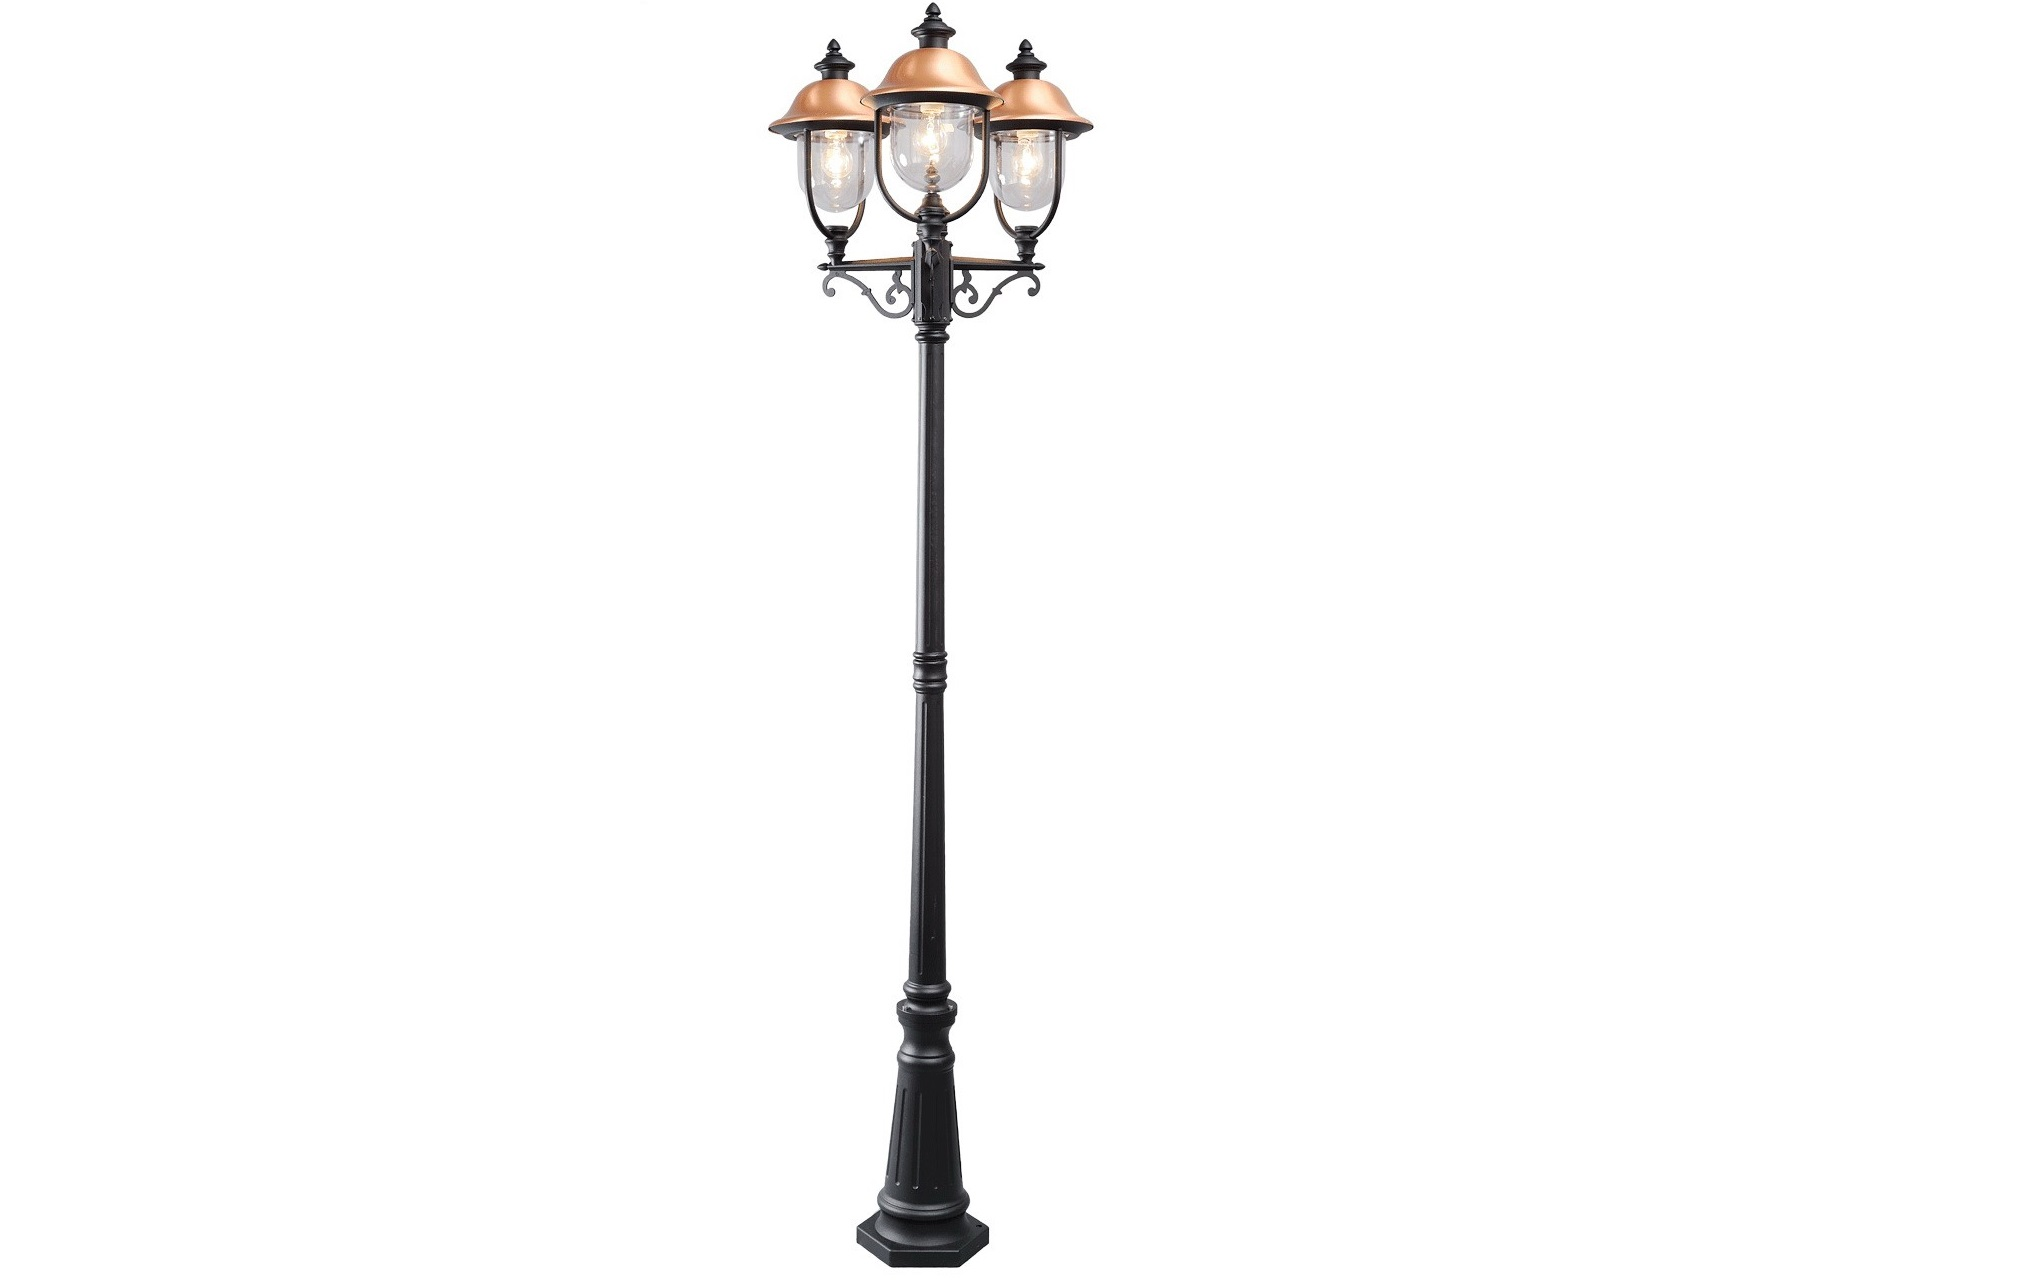 Уличный светильник ДубайУличные наземные светильники<br>&amp;lt;div&amp;gt;Основание из алюминия черного цвета, плафоны из &amp;amp;nbsp;акрила, декоративный элемент из меди.&amp;lt;/div&amp;gt;&amp;lt;div&amp;gt;&amp;lt;br&amp;gt;&amp;lt;/div&amp;gt;&amp;lt;div&amp;gt;Мощность 3*95W&amp;lt;/div&amp;gt;&amp;lt;div&amp;gt;Цоколь E27&amp;lt;/div&amp;gt;&amp;lt;div&amp;gt;&amp;lt;span style=&amp;quot;line-height: 1.78571;&amp;quot;&amp;gt;Степень защиты<br>светильников от пыли и влаги&amp;lt;/span&amp;gt;&amp;lt;span style=&amp;quot;line-height: 1.78571;&amp;quot;&amp;gt;&amp;amp;nbsp;IP44&amp;lt;/span&amp;gt;&amp;lt;/div&amp;gt;<br><br>Material: Алюминий<br>Length см: None<br>Width см: 56<br>Depth см: 61<br>Height см: 231